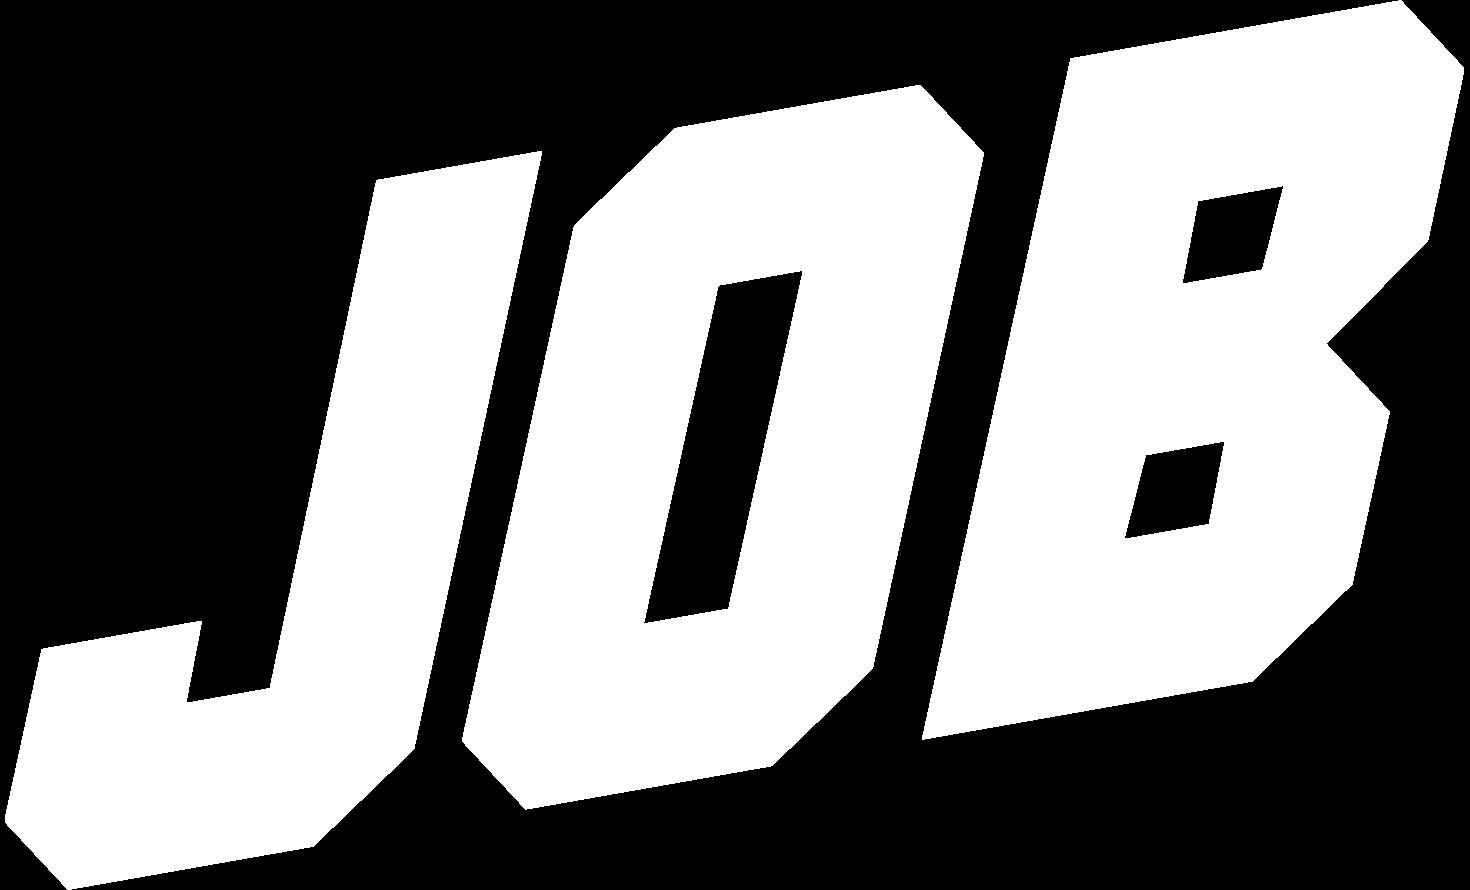 Job van Uitert